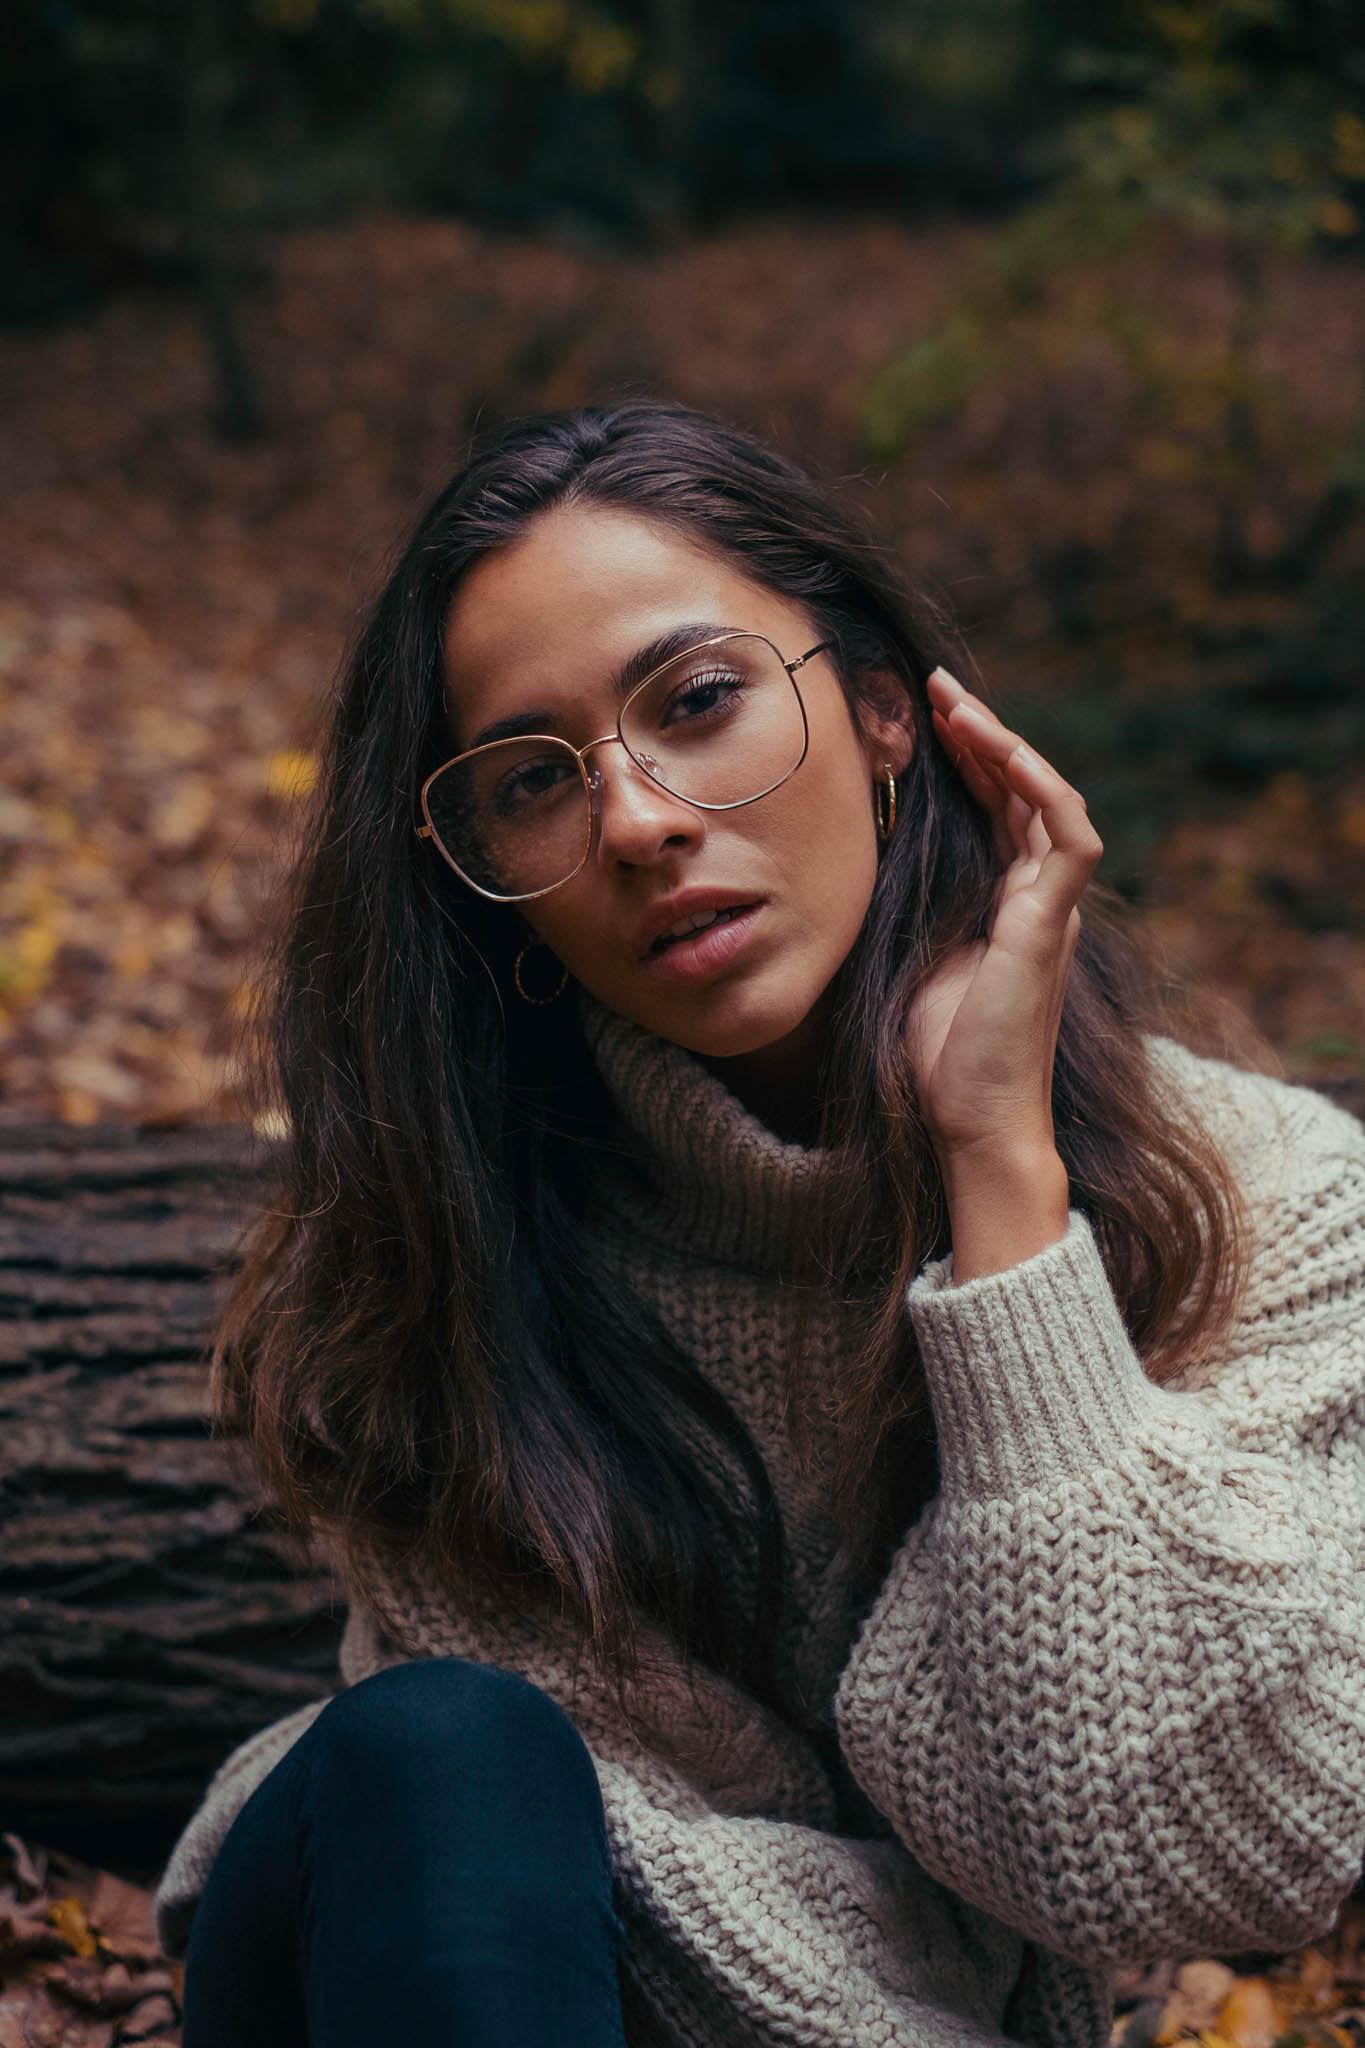 Zoe Thresher from Lenis Models